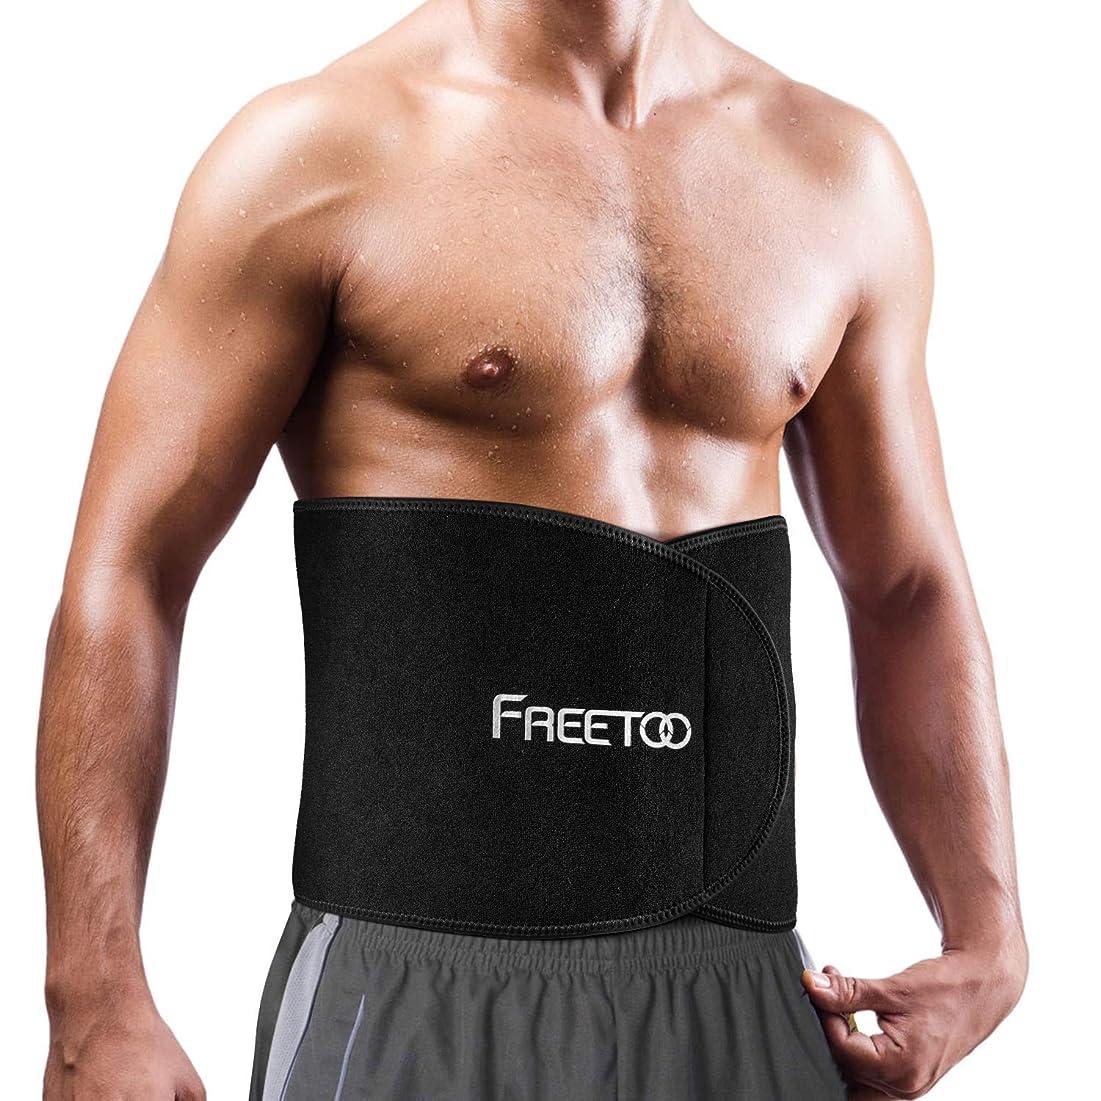 したい定義する疼痛FREETOO シェイプアップベルト ダイエットベルト 発汗 脂肪燃焼 ウエストトリマーベルト 厚さ2.5-3mm 軽量 お腹引き締めベルト 高品質材料 男女兼用 様々なスポーツに対応 3サイズ